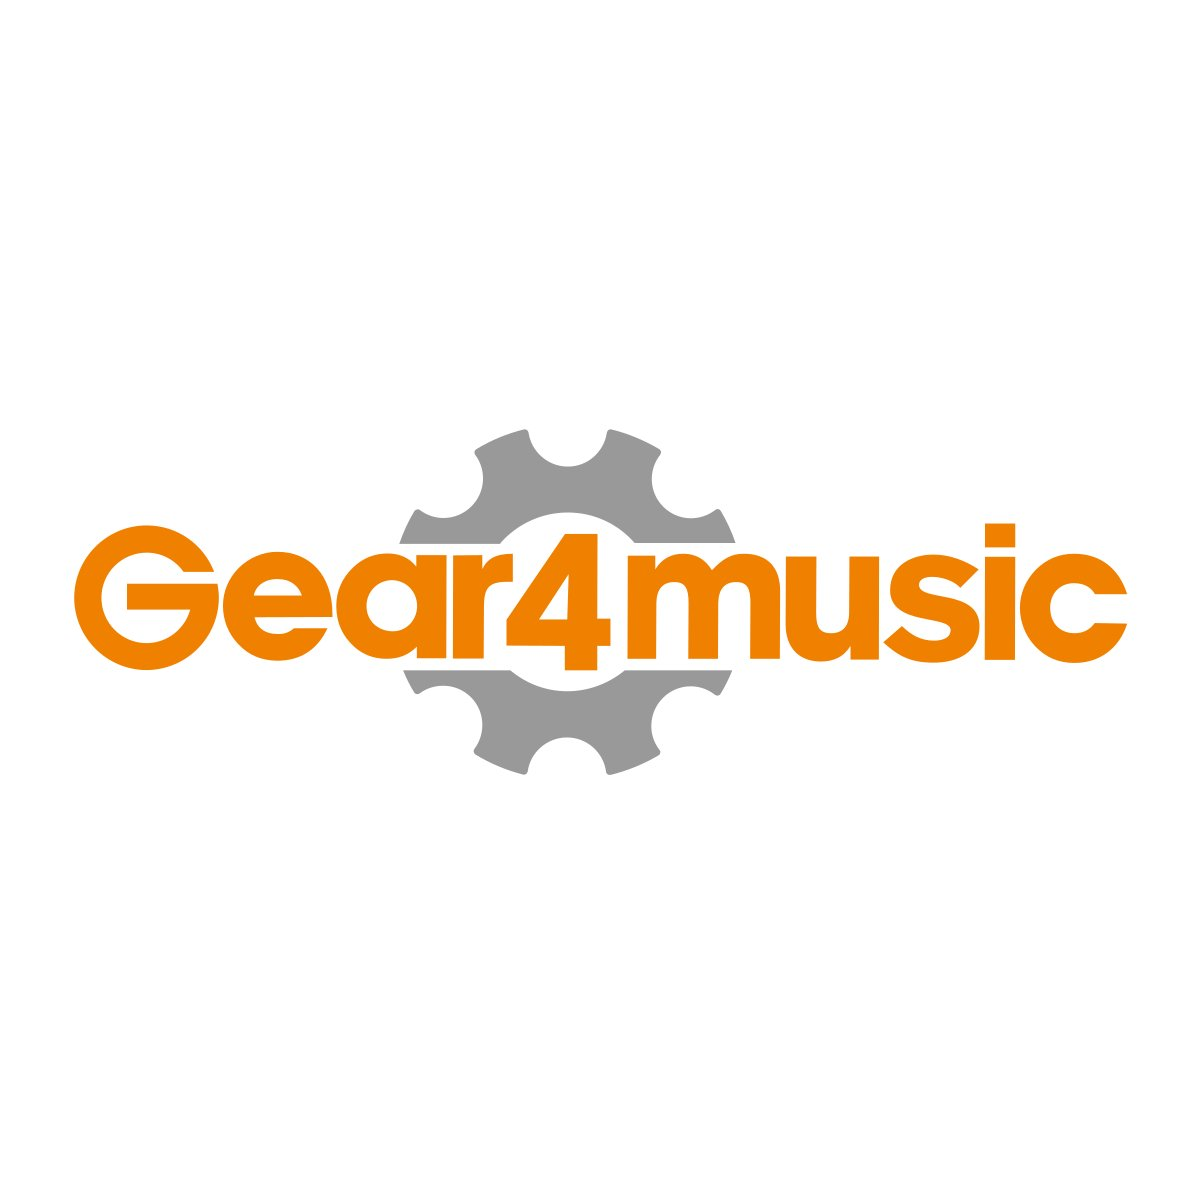 MK-4000 61-Key Keyboard by Gear4music - Starter Pack